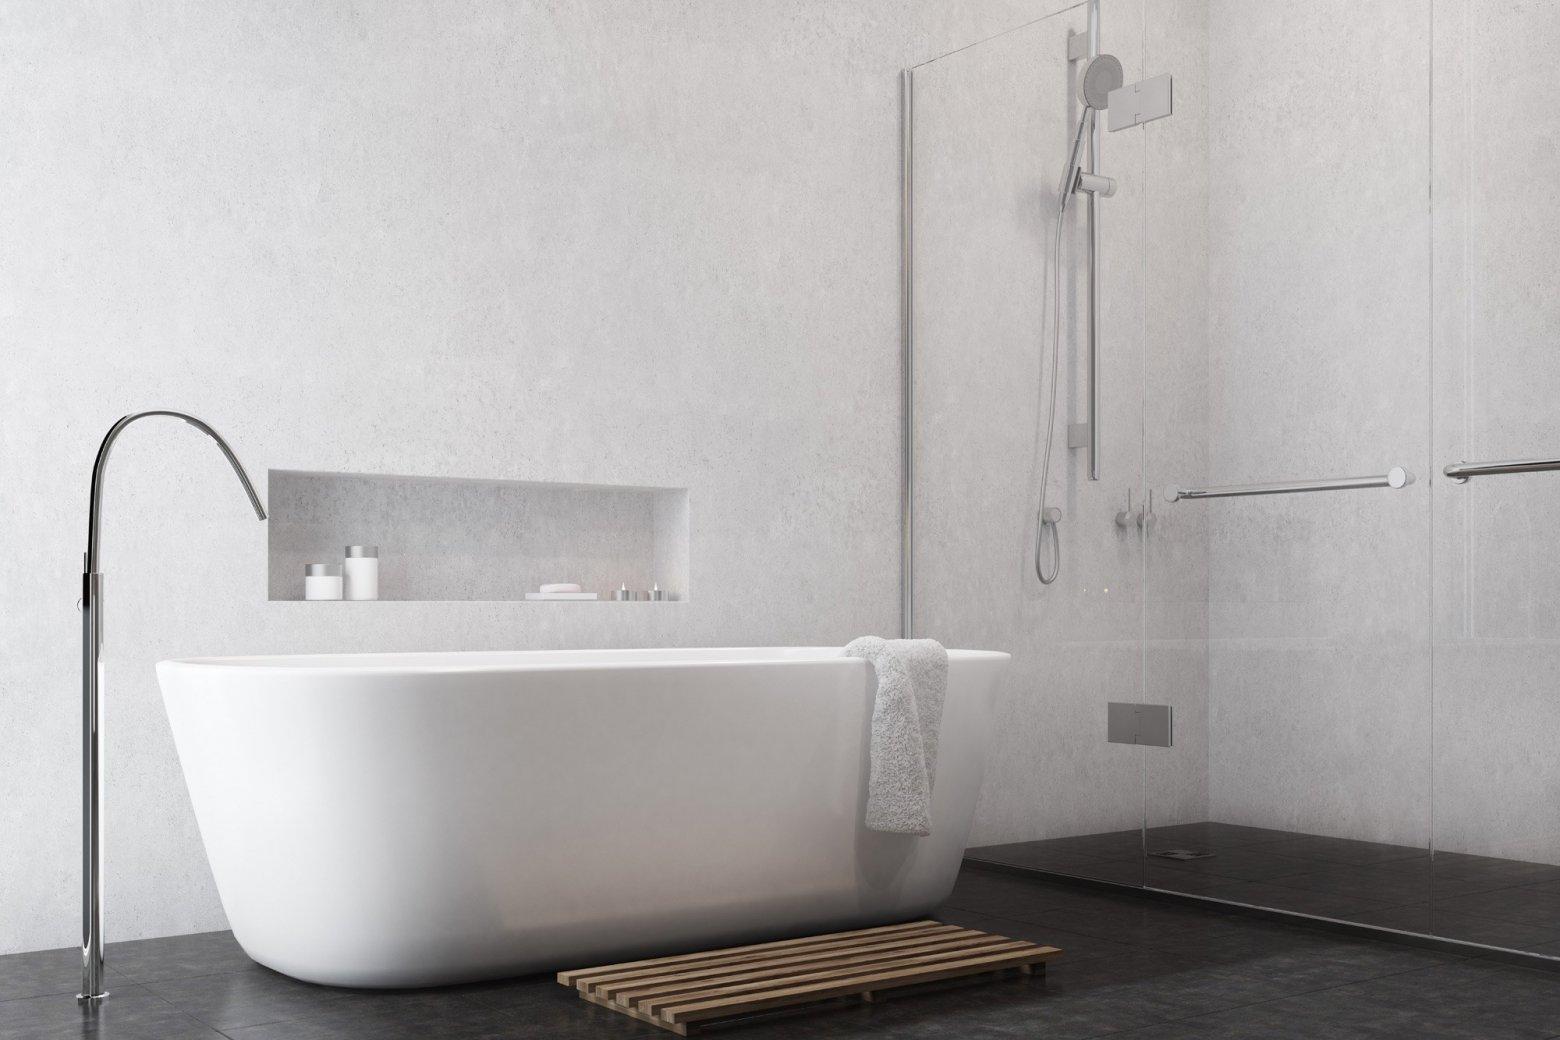 Badkamer Renovatie Kosten : Badkamerrenovatie ga voor van calster kwaliteit aan de laagste prijs